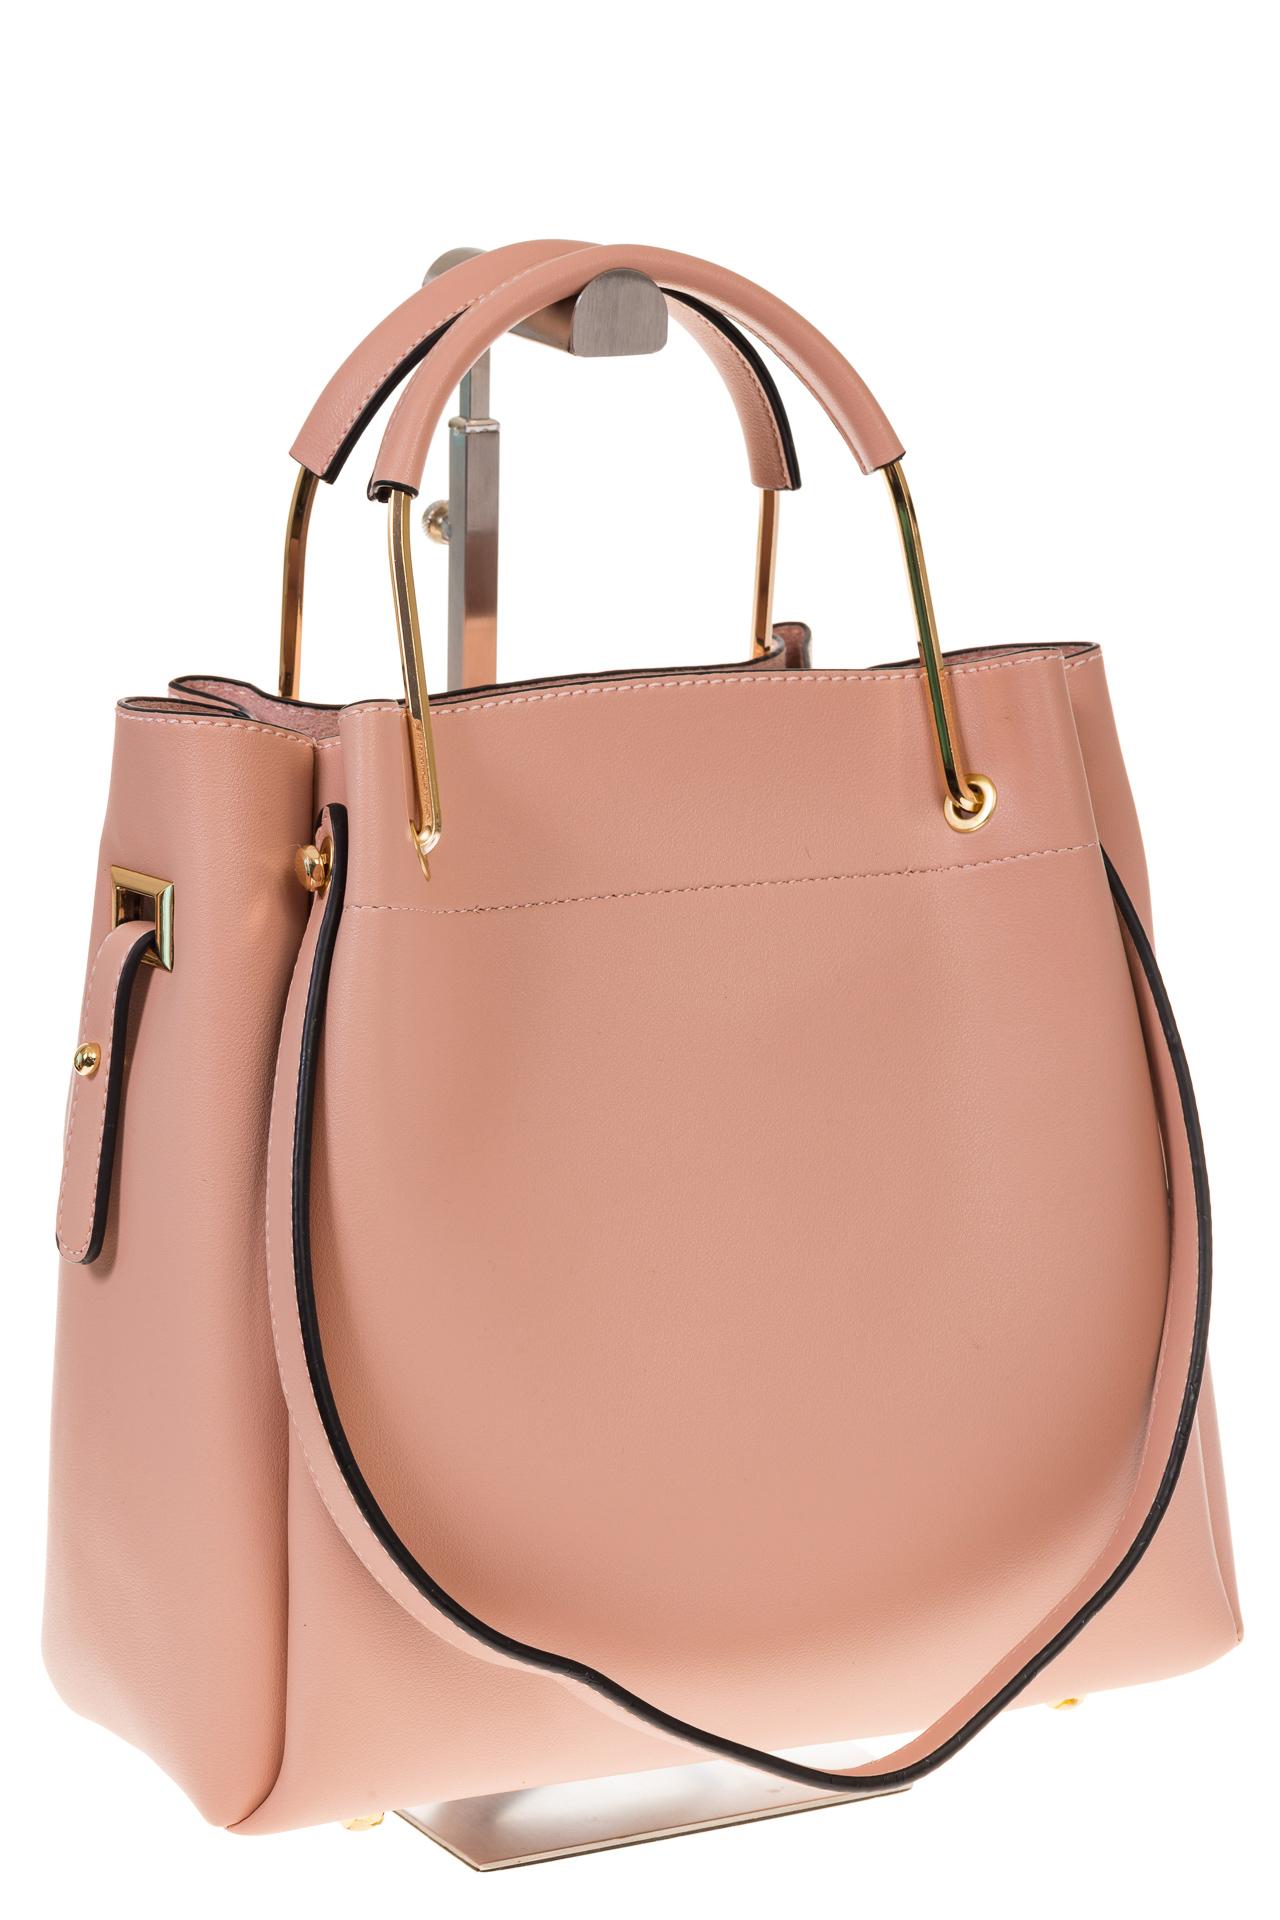 на фото Сумка-мешок из искусственной кожи розового цвета 9375MJ5